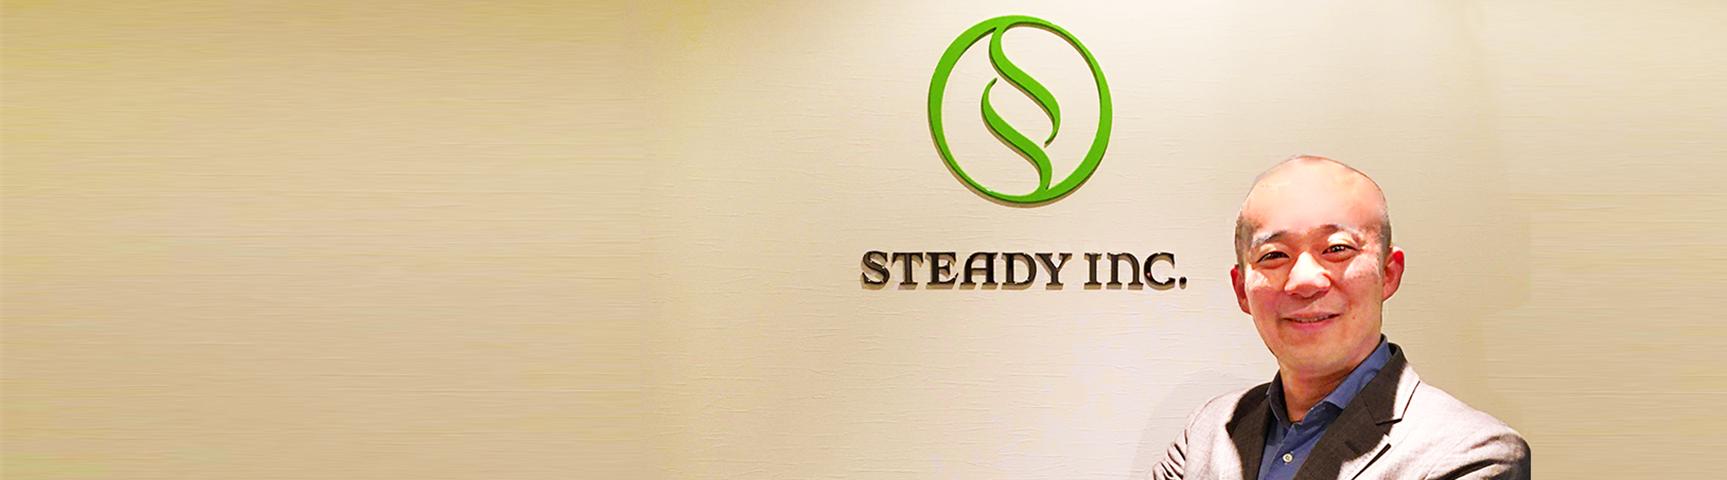 株式会社STEADYの導入事例メイン